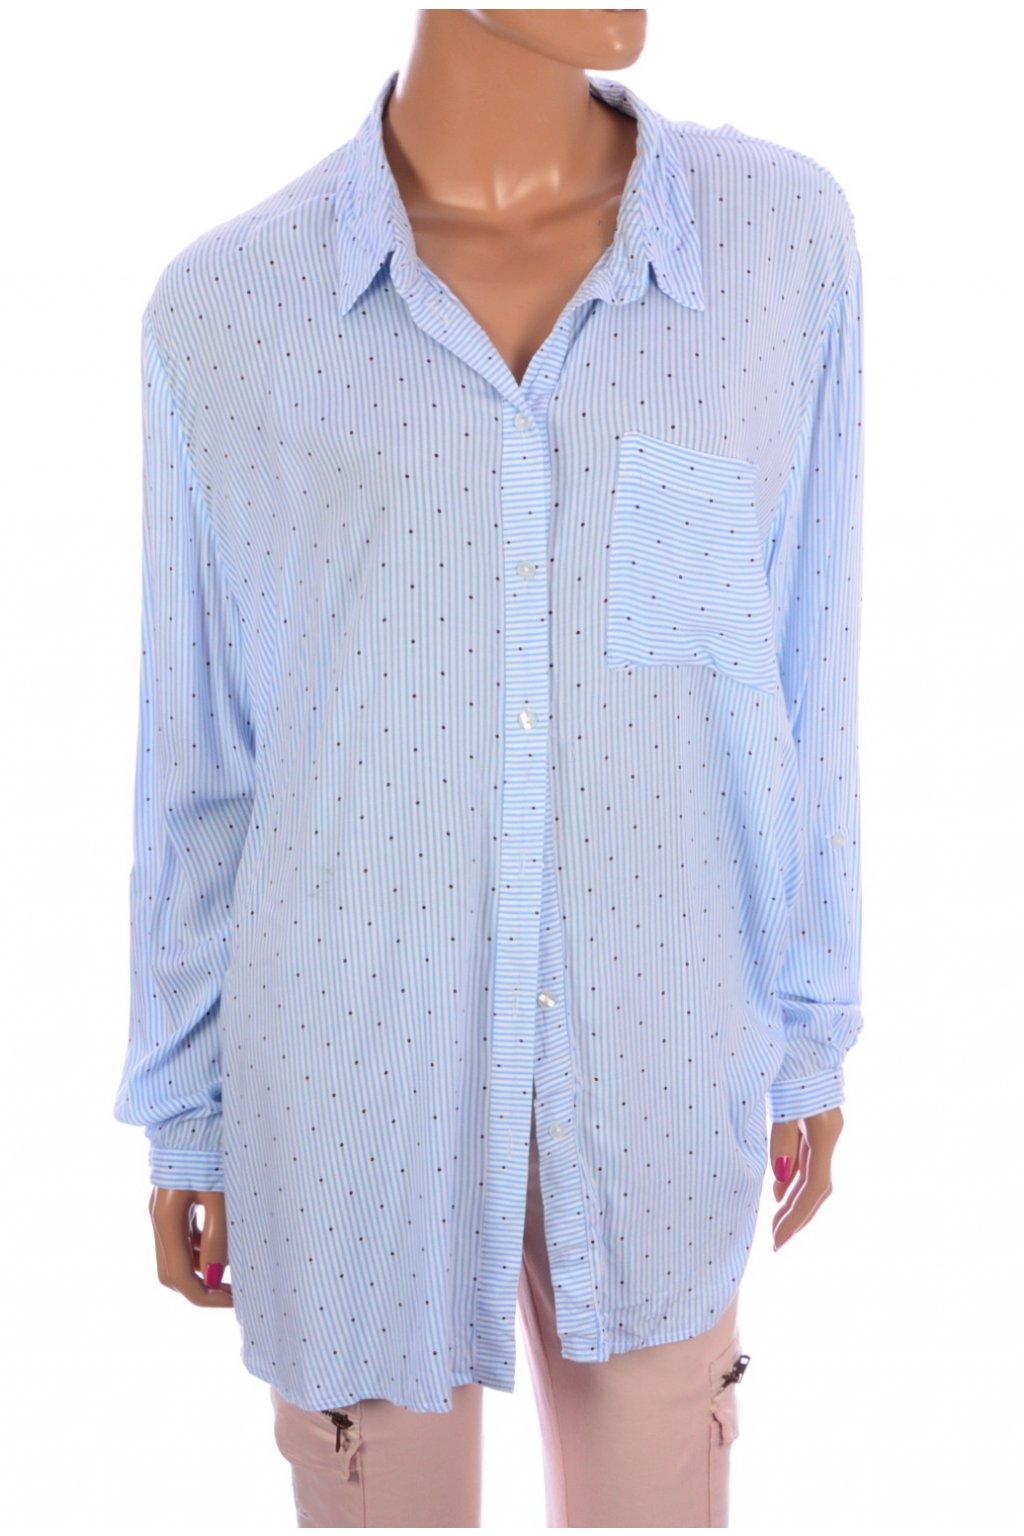 Halenka košile modrý proužek s puntíky F&F vel. 48 / uk 20 / XL